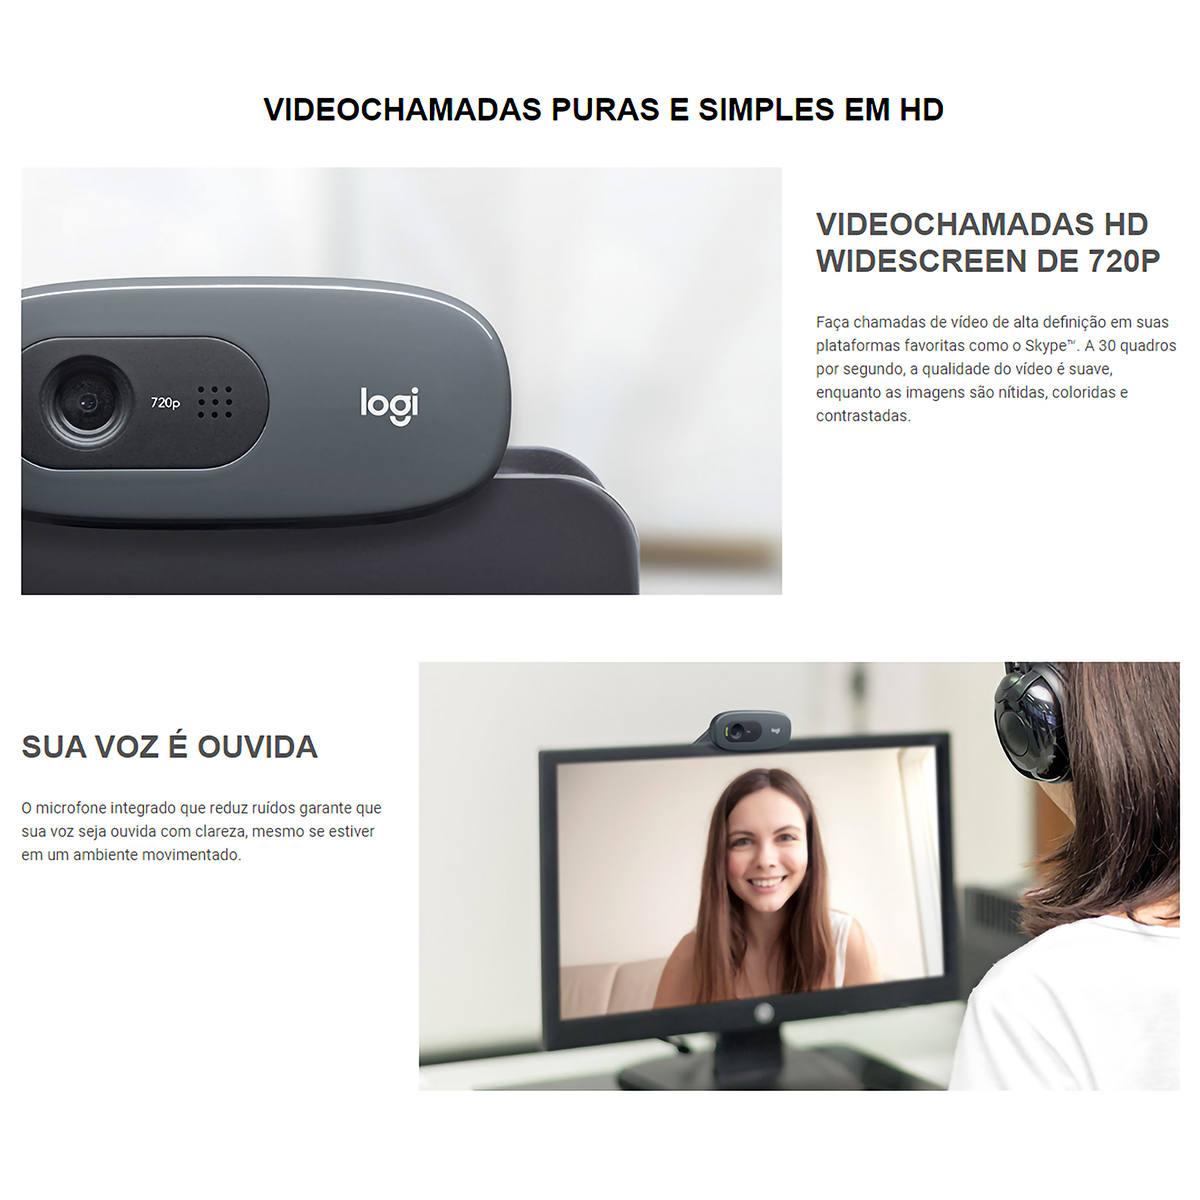 WebCam Logitech C270 HD 3MP para Videochamadas e Gravações em Vídeo Widescreen 720p com Microfone Embutido 960-000694